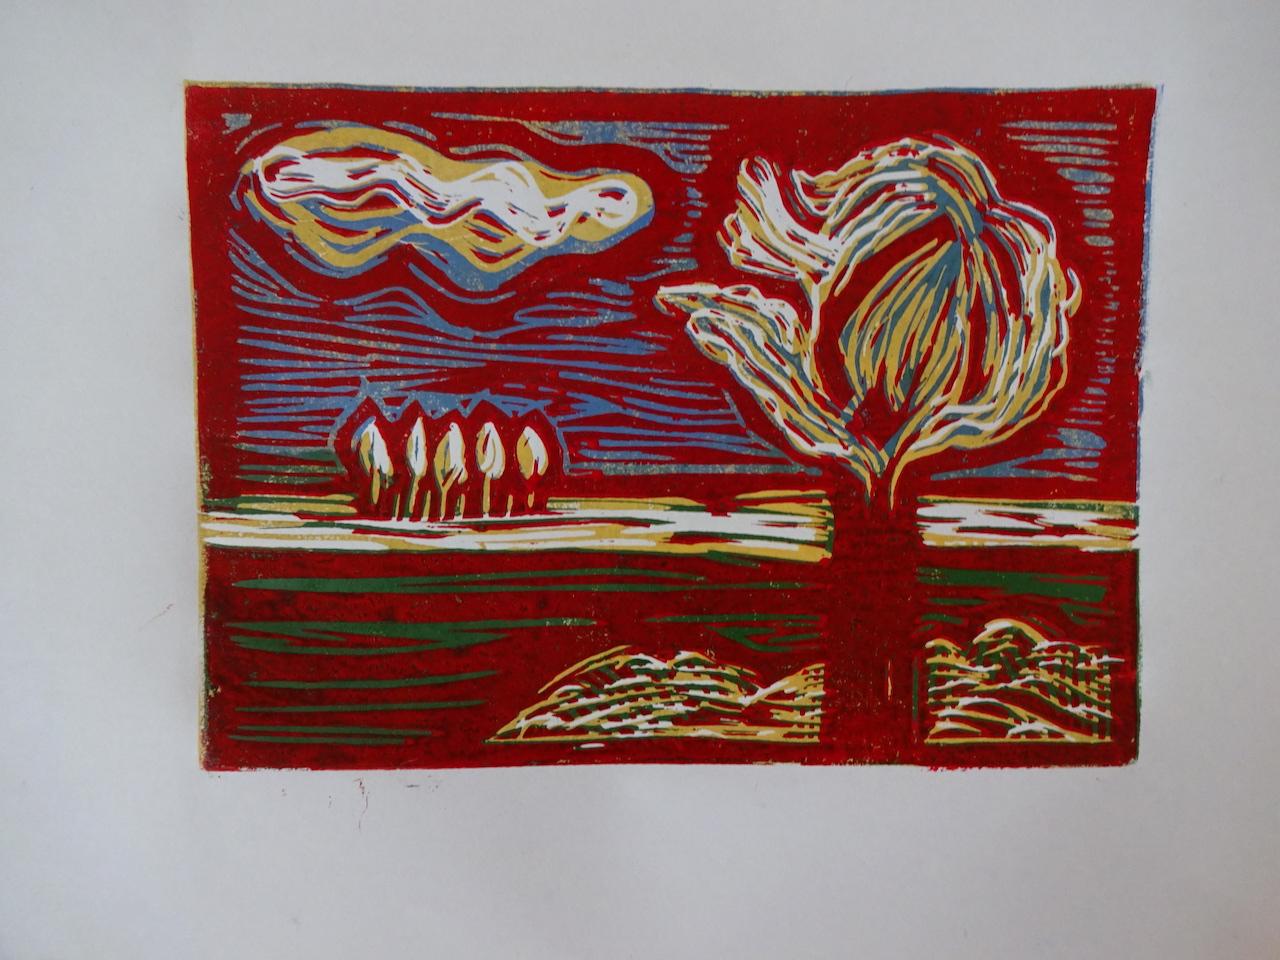 Druck der Linolplatte von der zweiten Bearbeitungsstufe in rot, Foto von Susanne Haun (c) VG Bild-Kunst, Bonn 2019